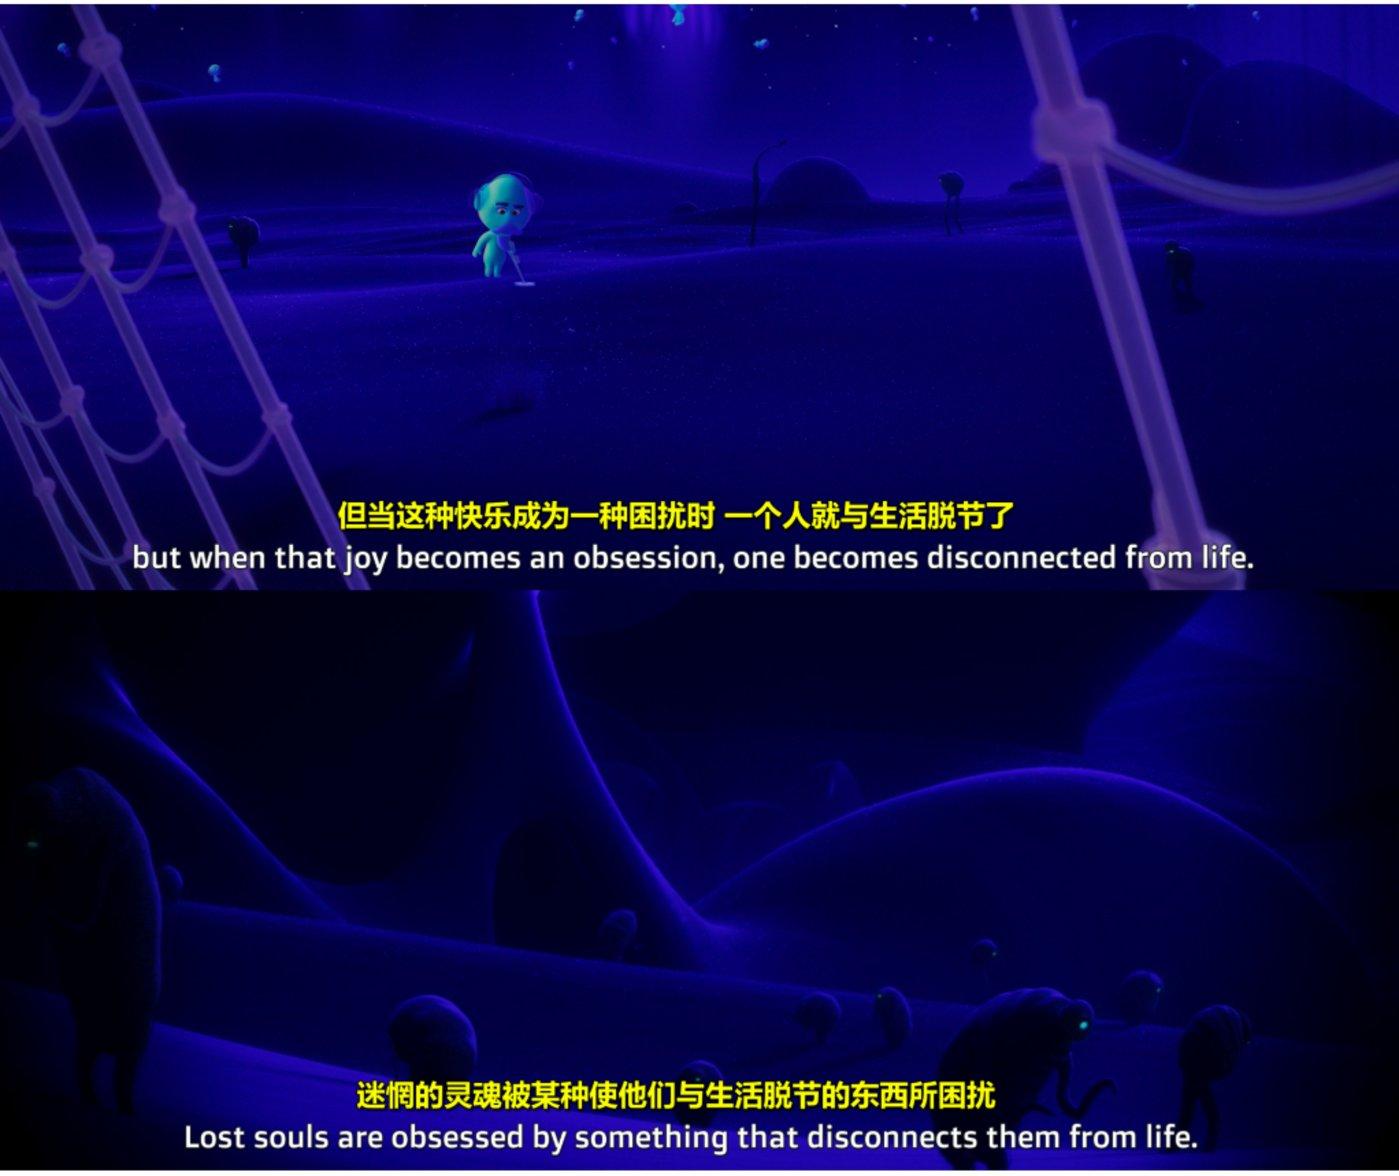 (来源:豆瓣《心灵奇旅》)